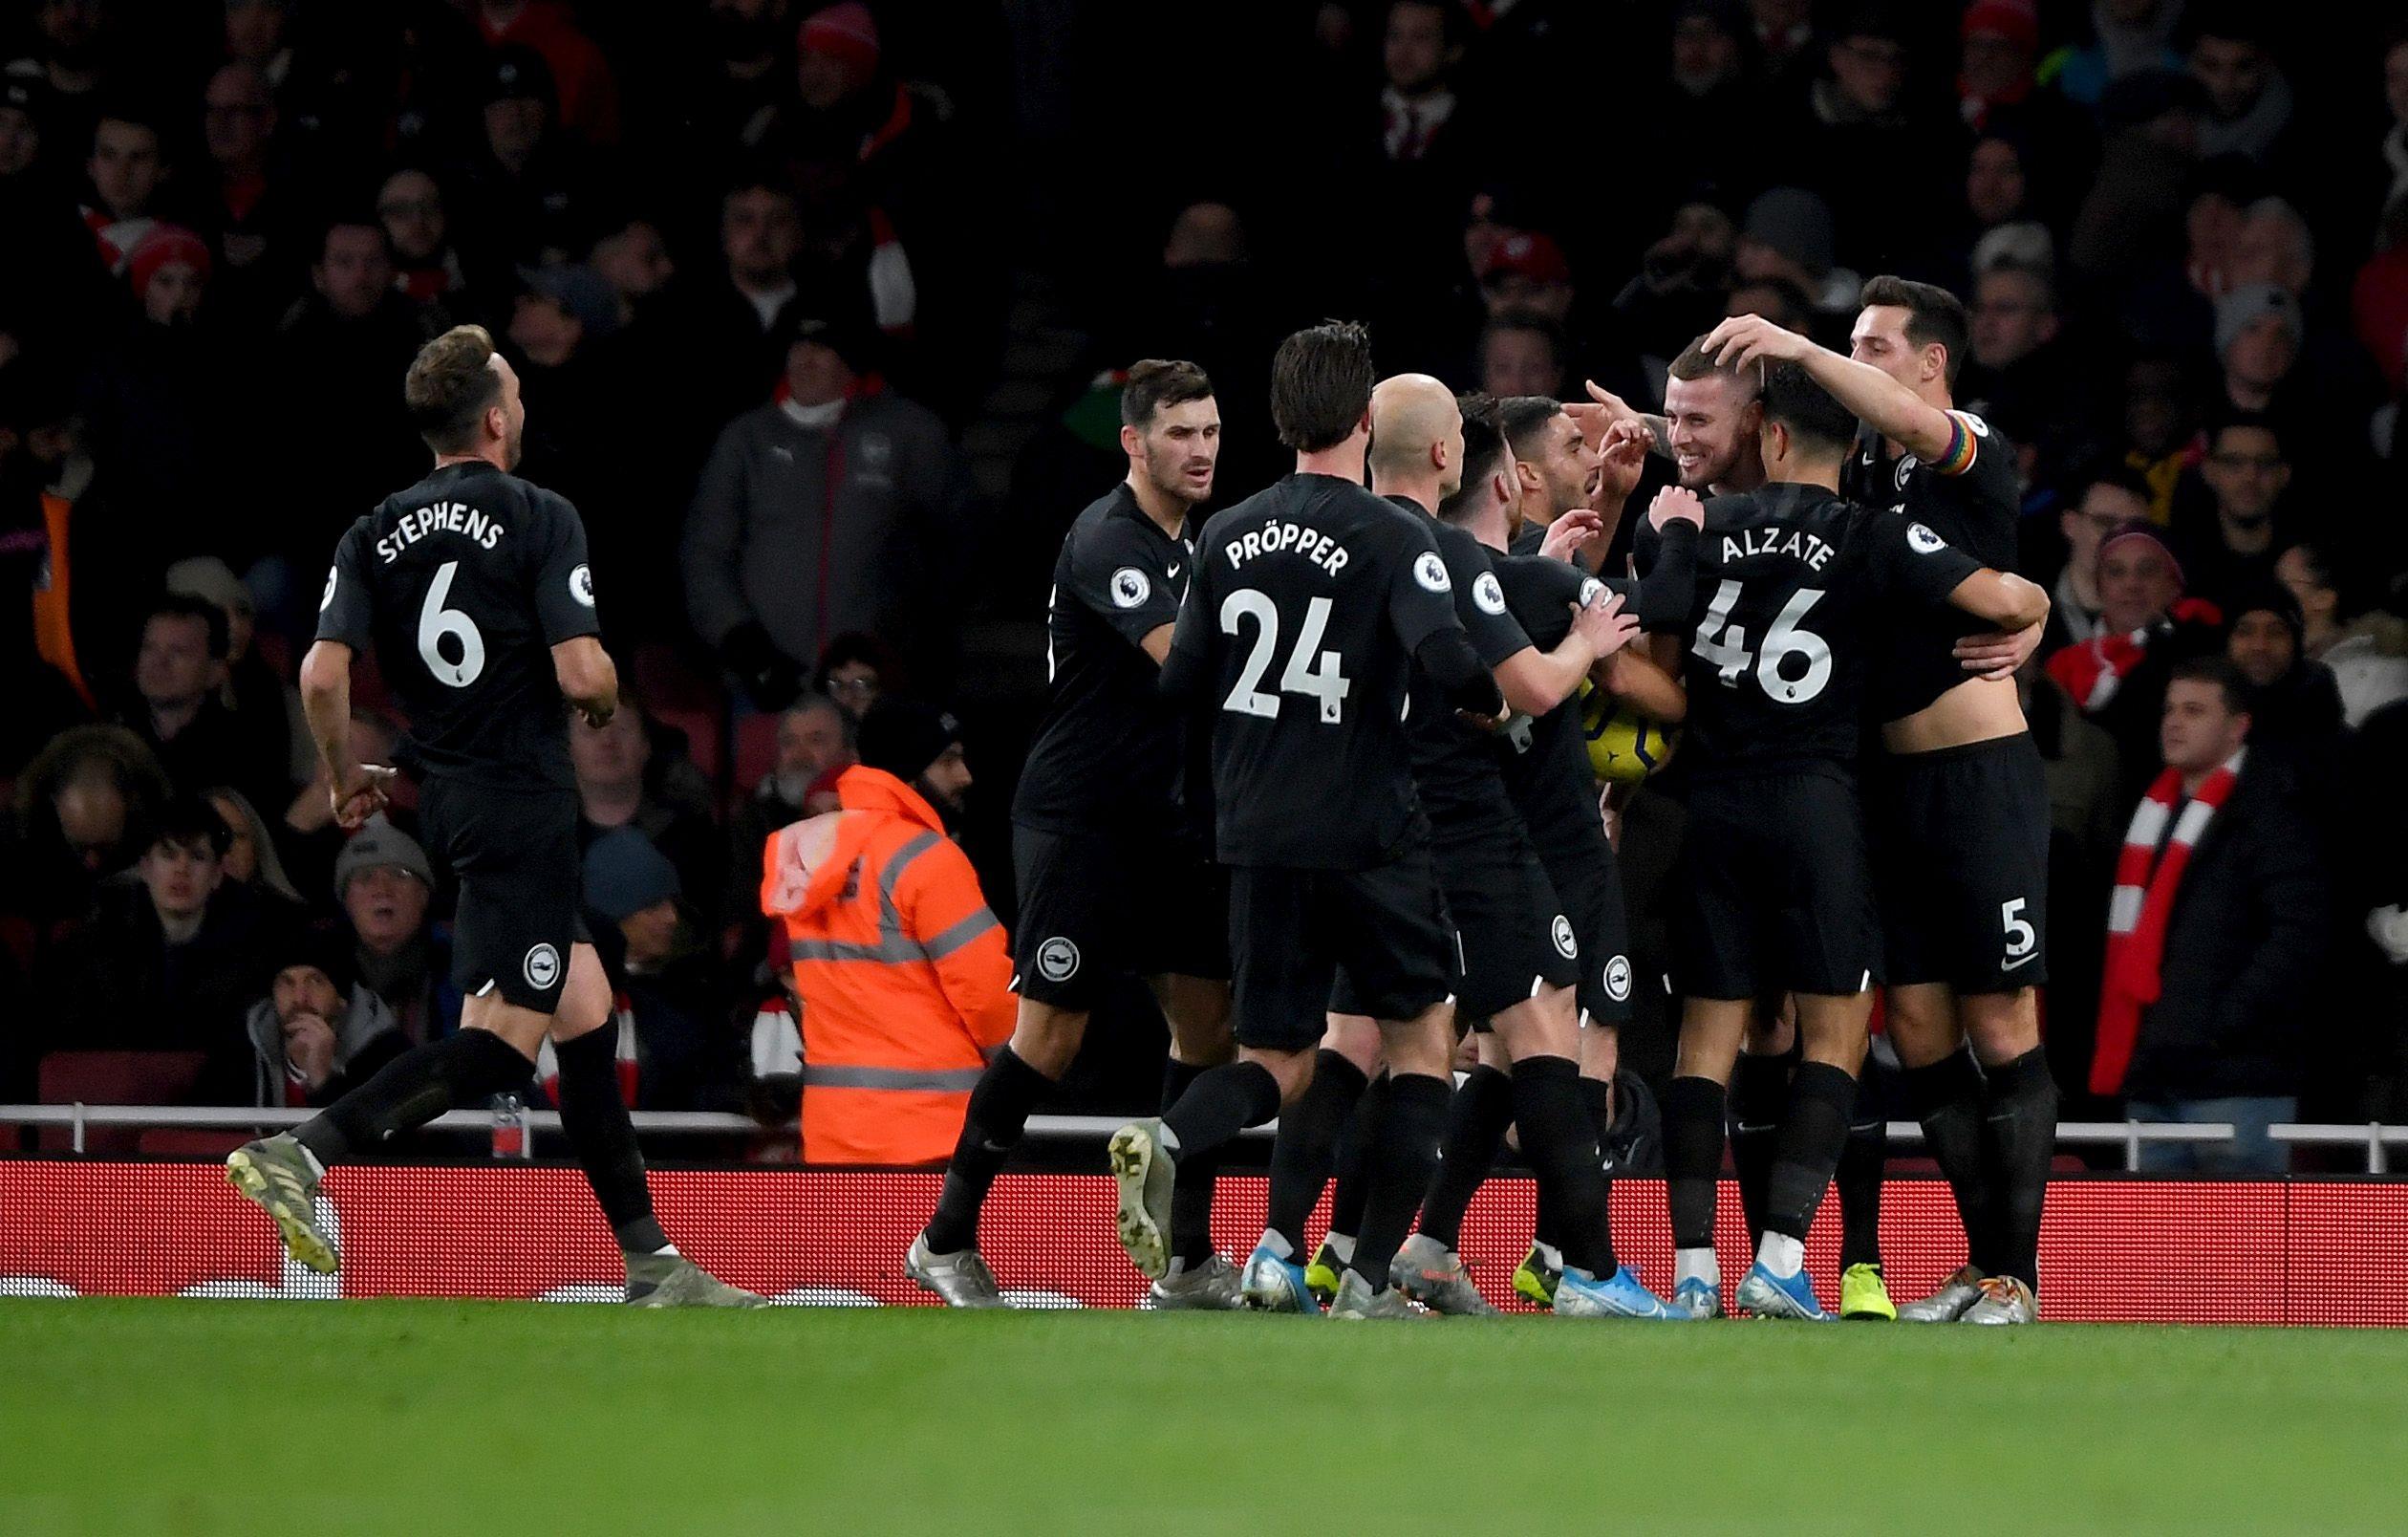 Тази вечер Арсенал приема Брайтън в среща от междинния 15-и